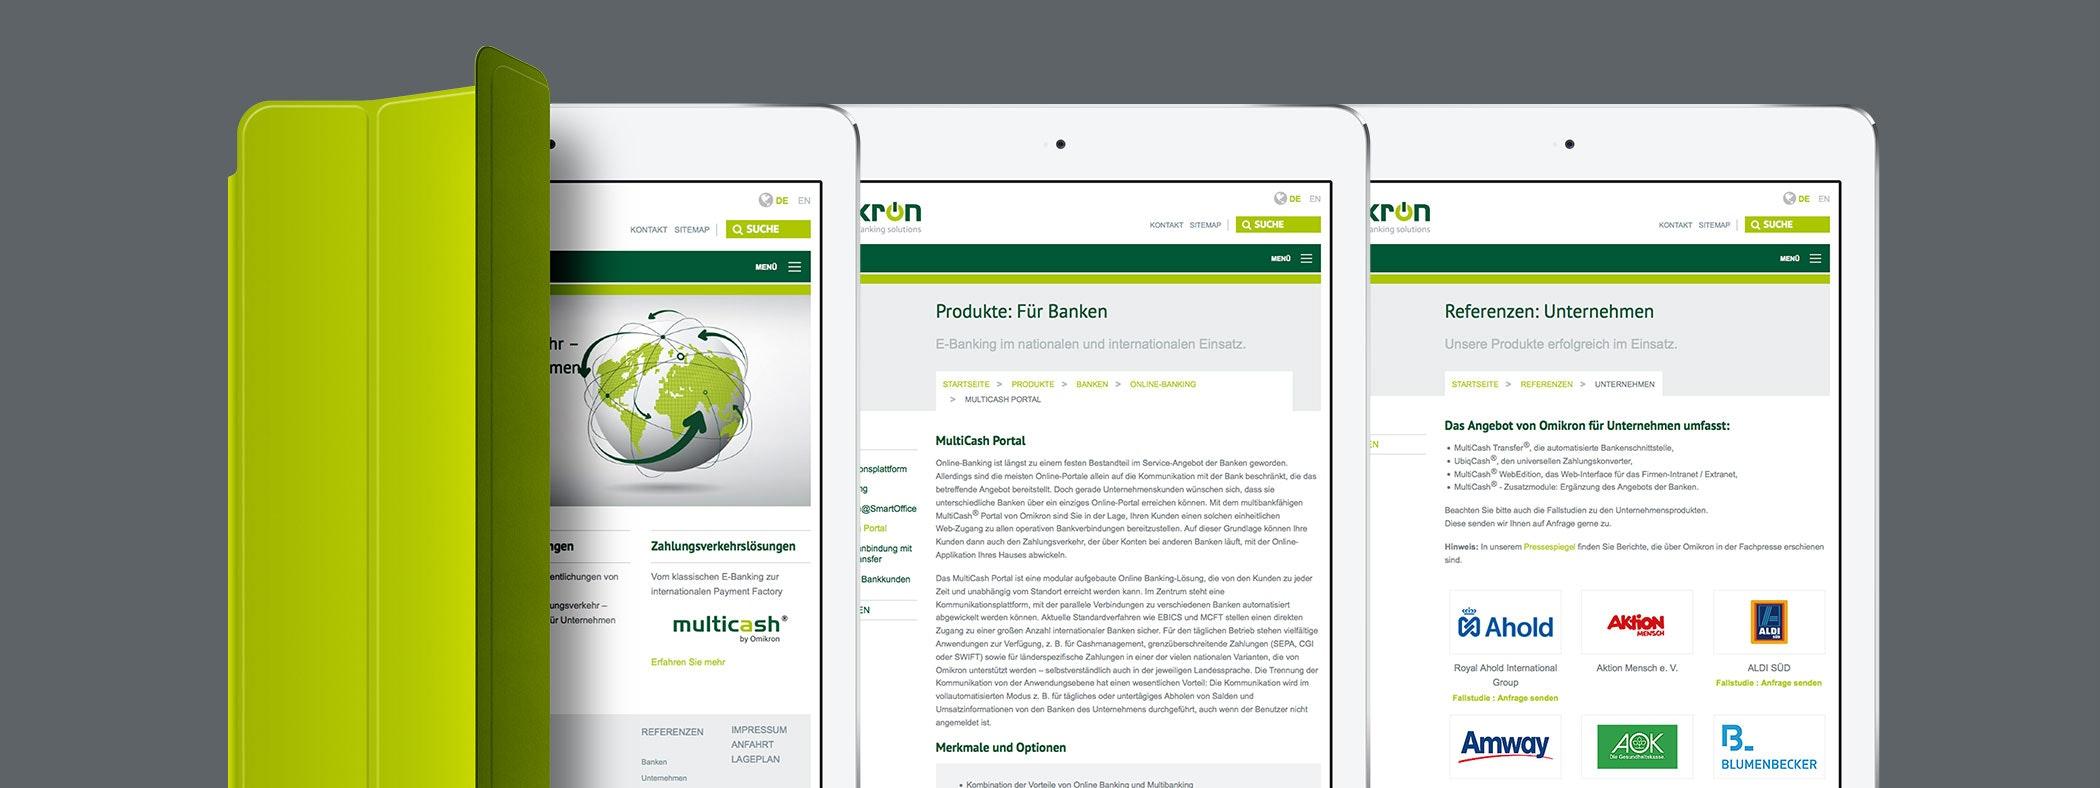 Vorstellung des Unternehmens, der Produkte & Lösungen sowie Referenzen